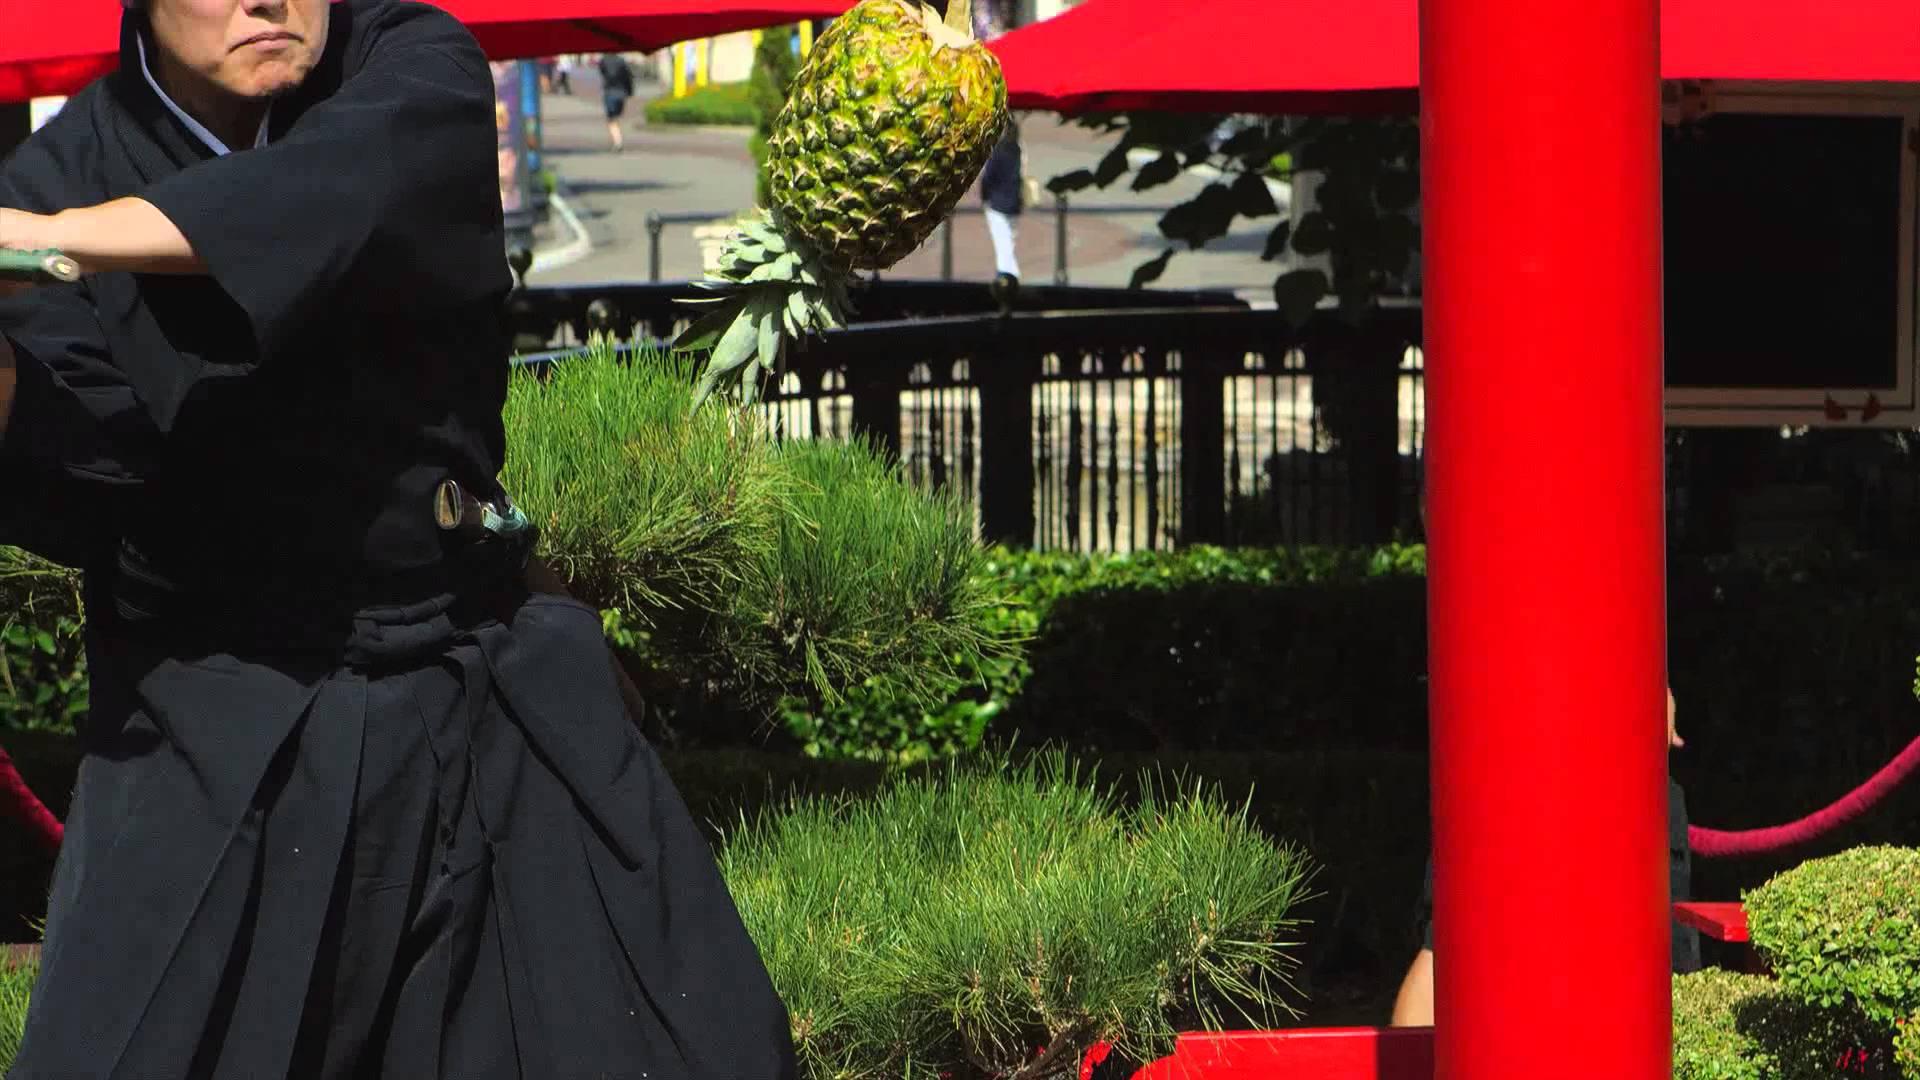 町井勲氏による果物を空中で斬りまくる動画が格好良い